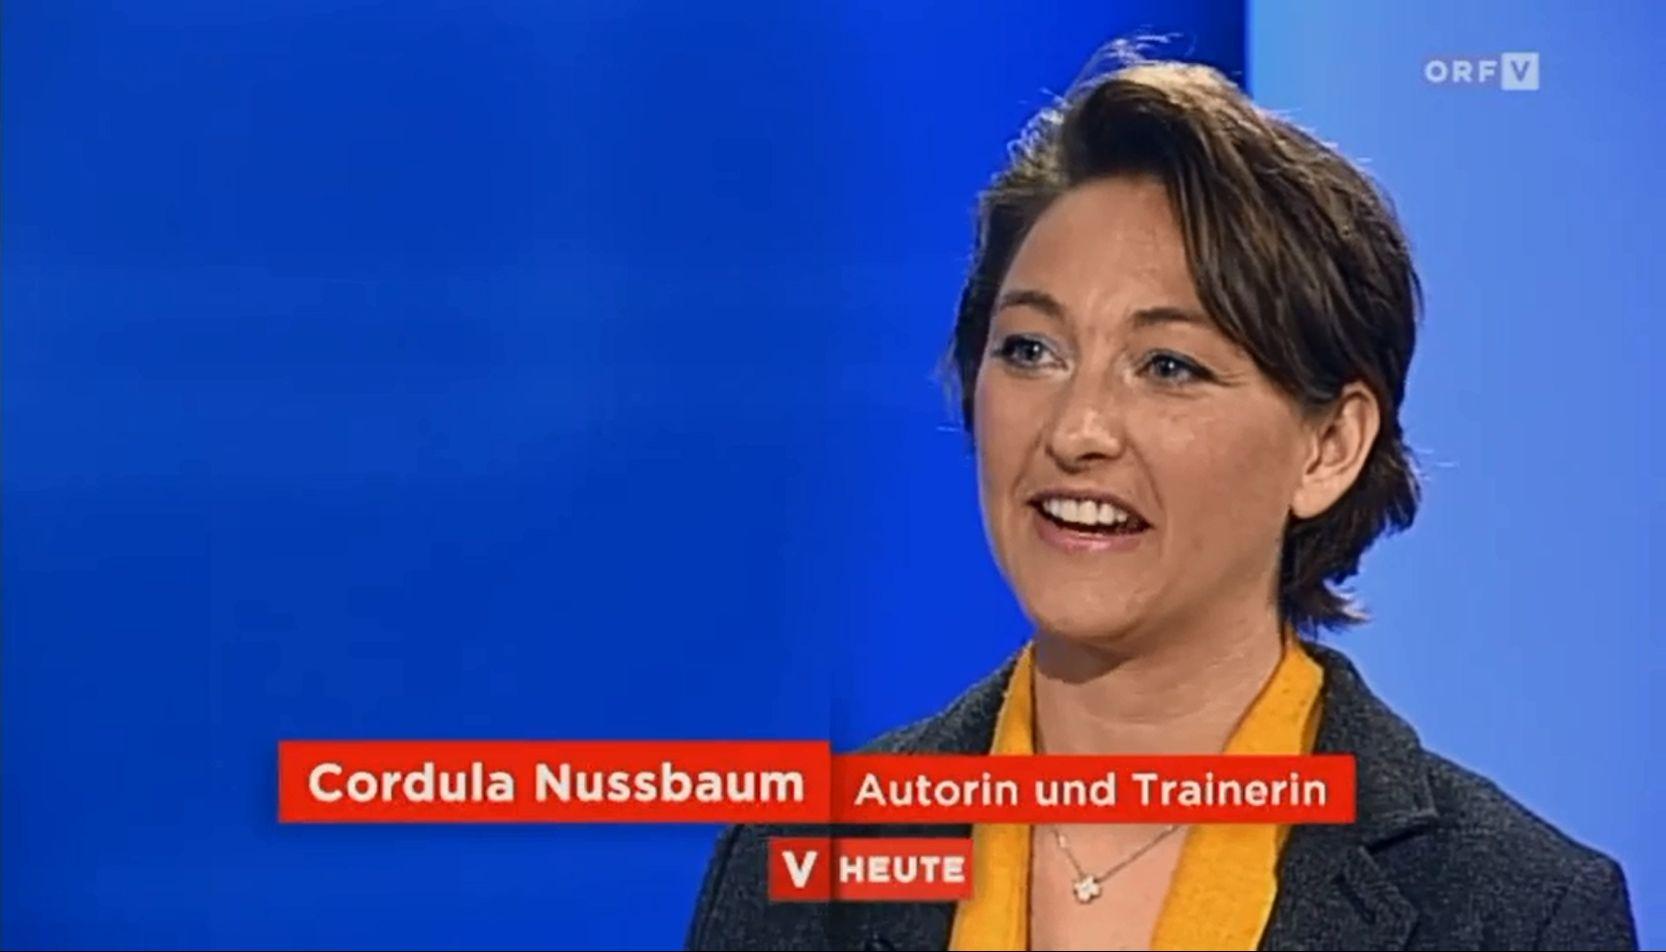 TV-Expertin Cordula Nussbaum zum Thema Motivation und Zeitmanagement